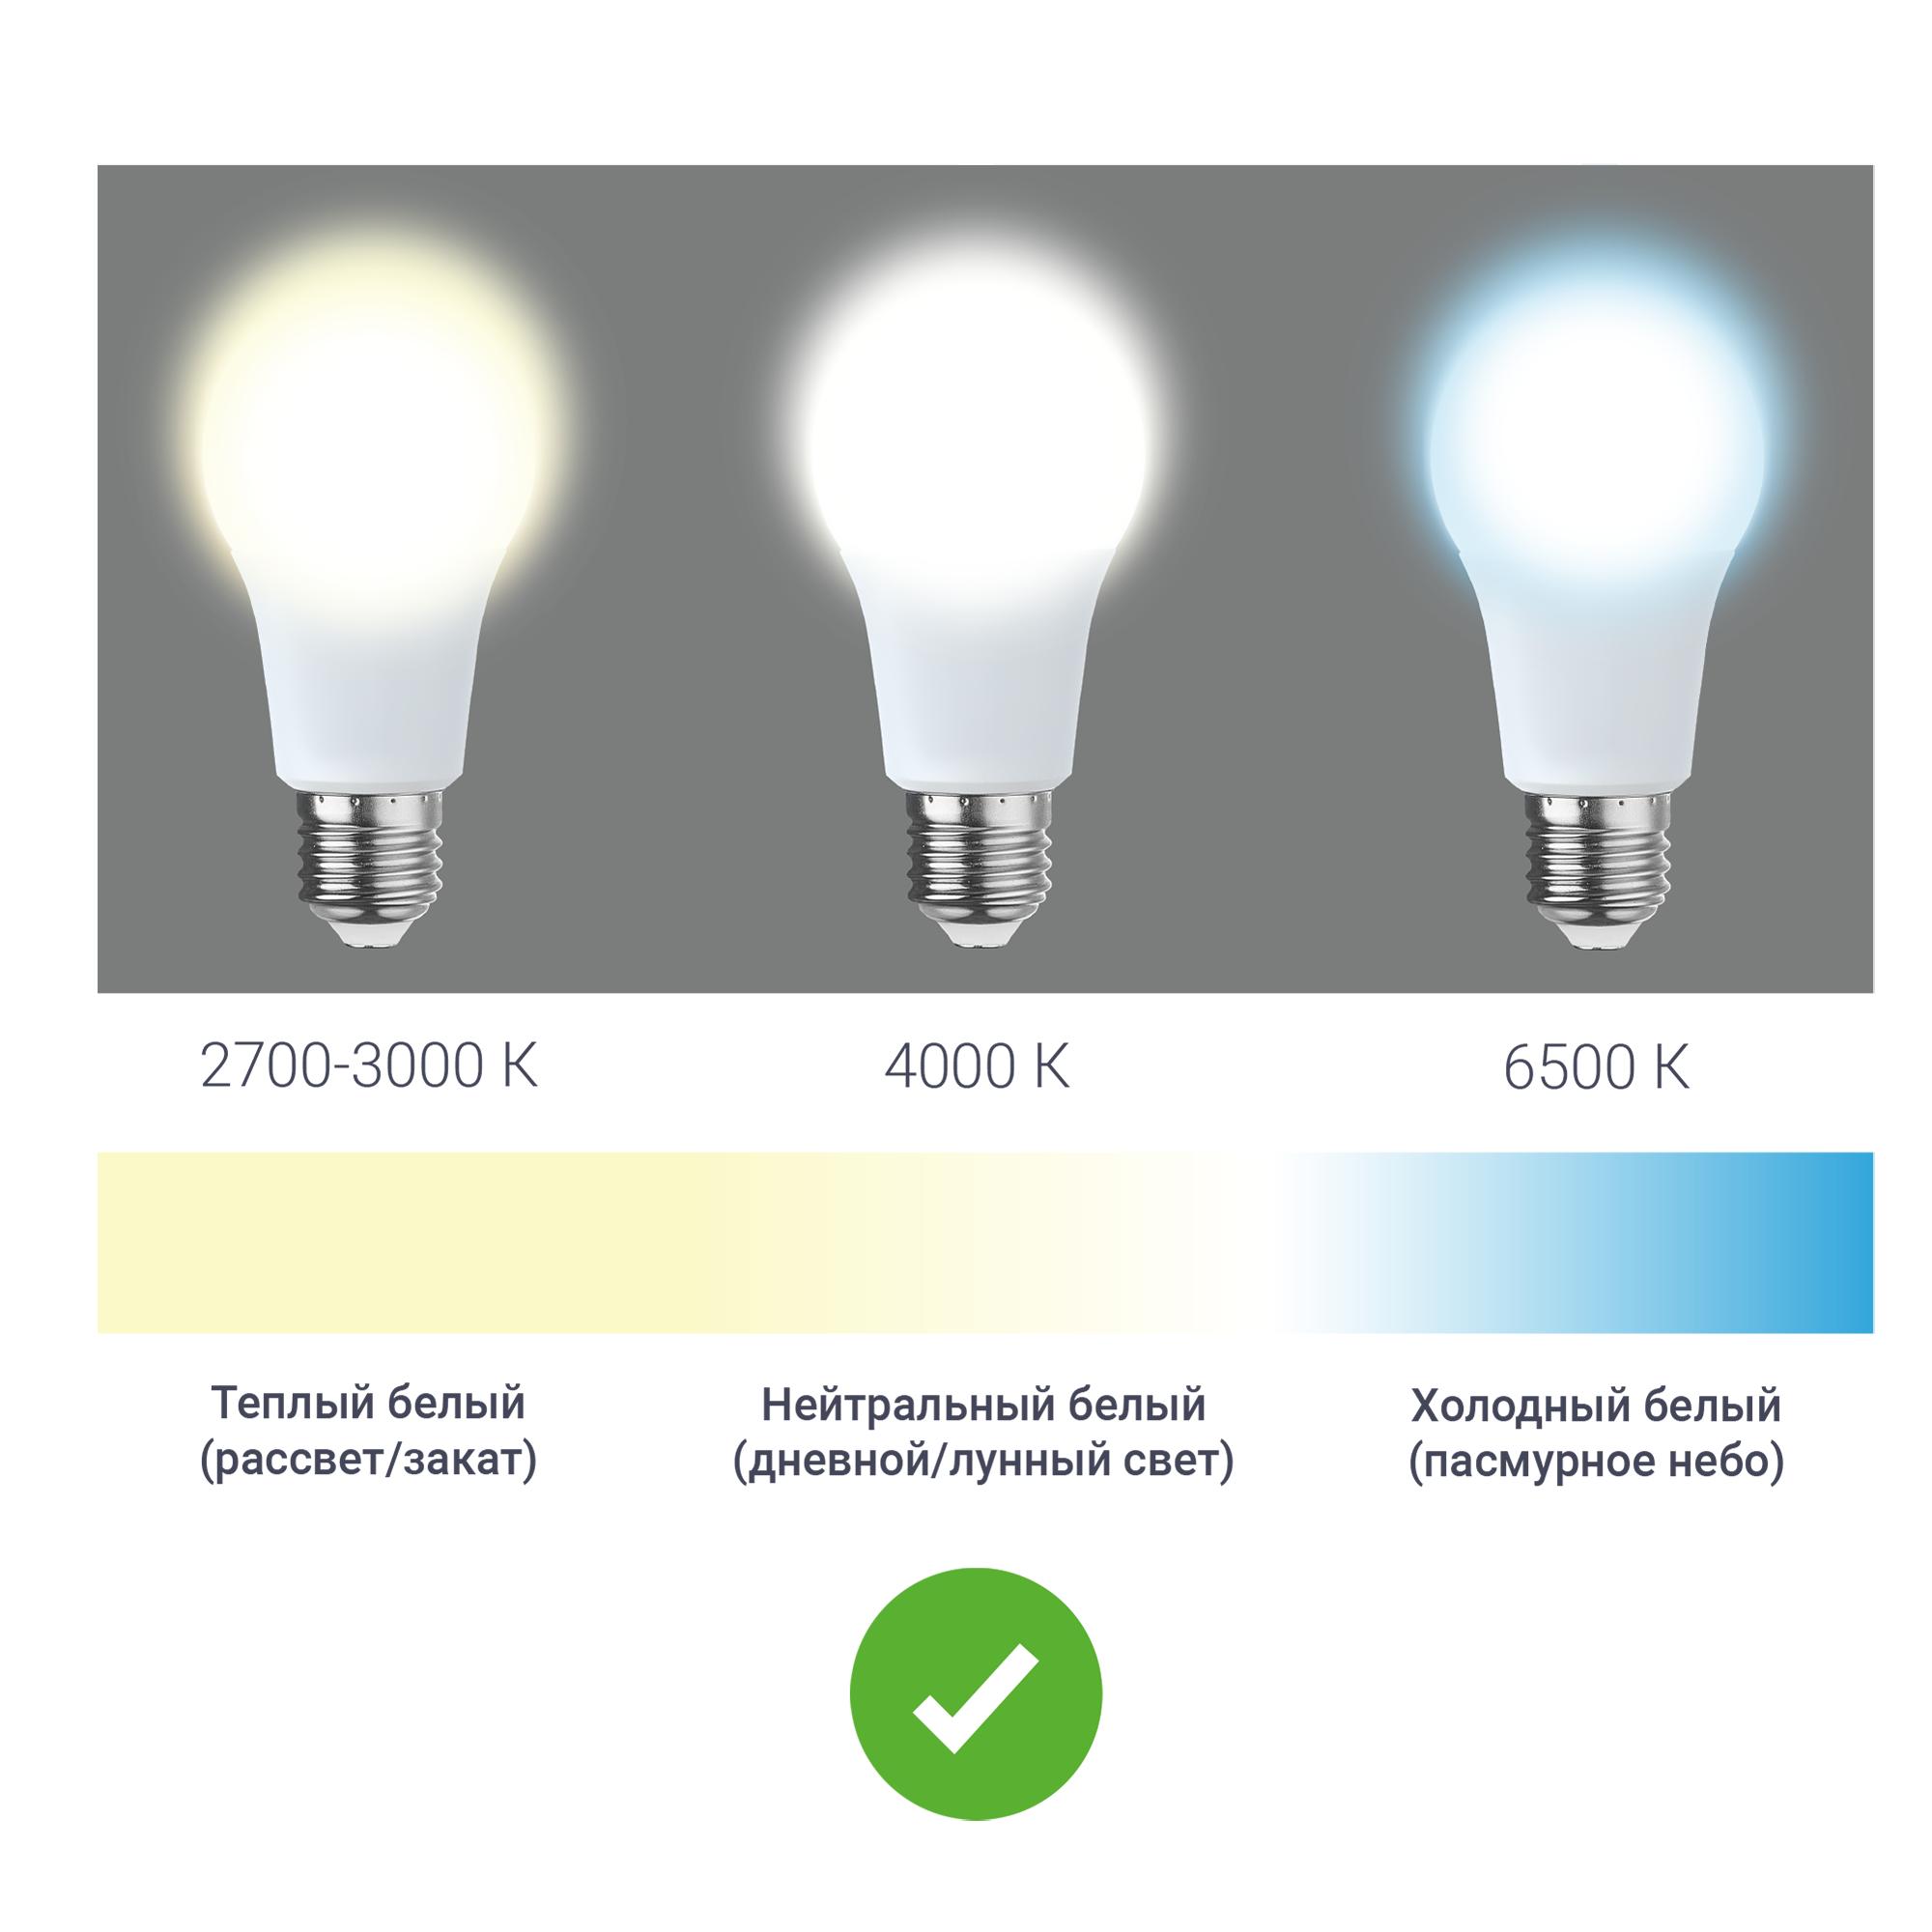 Лампа светодиодная Volpe Norma E27 220 В 30 Вт груша 2400 лм белый свет